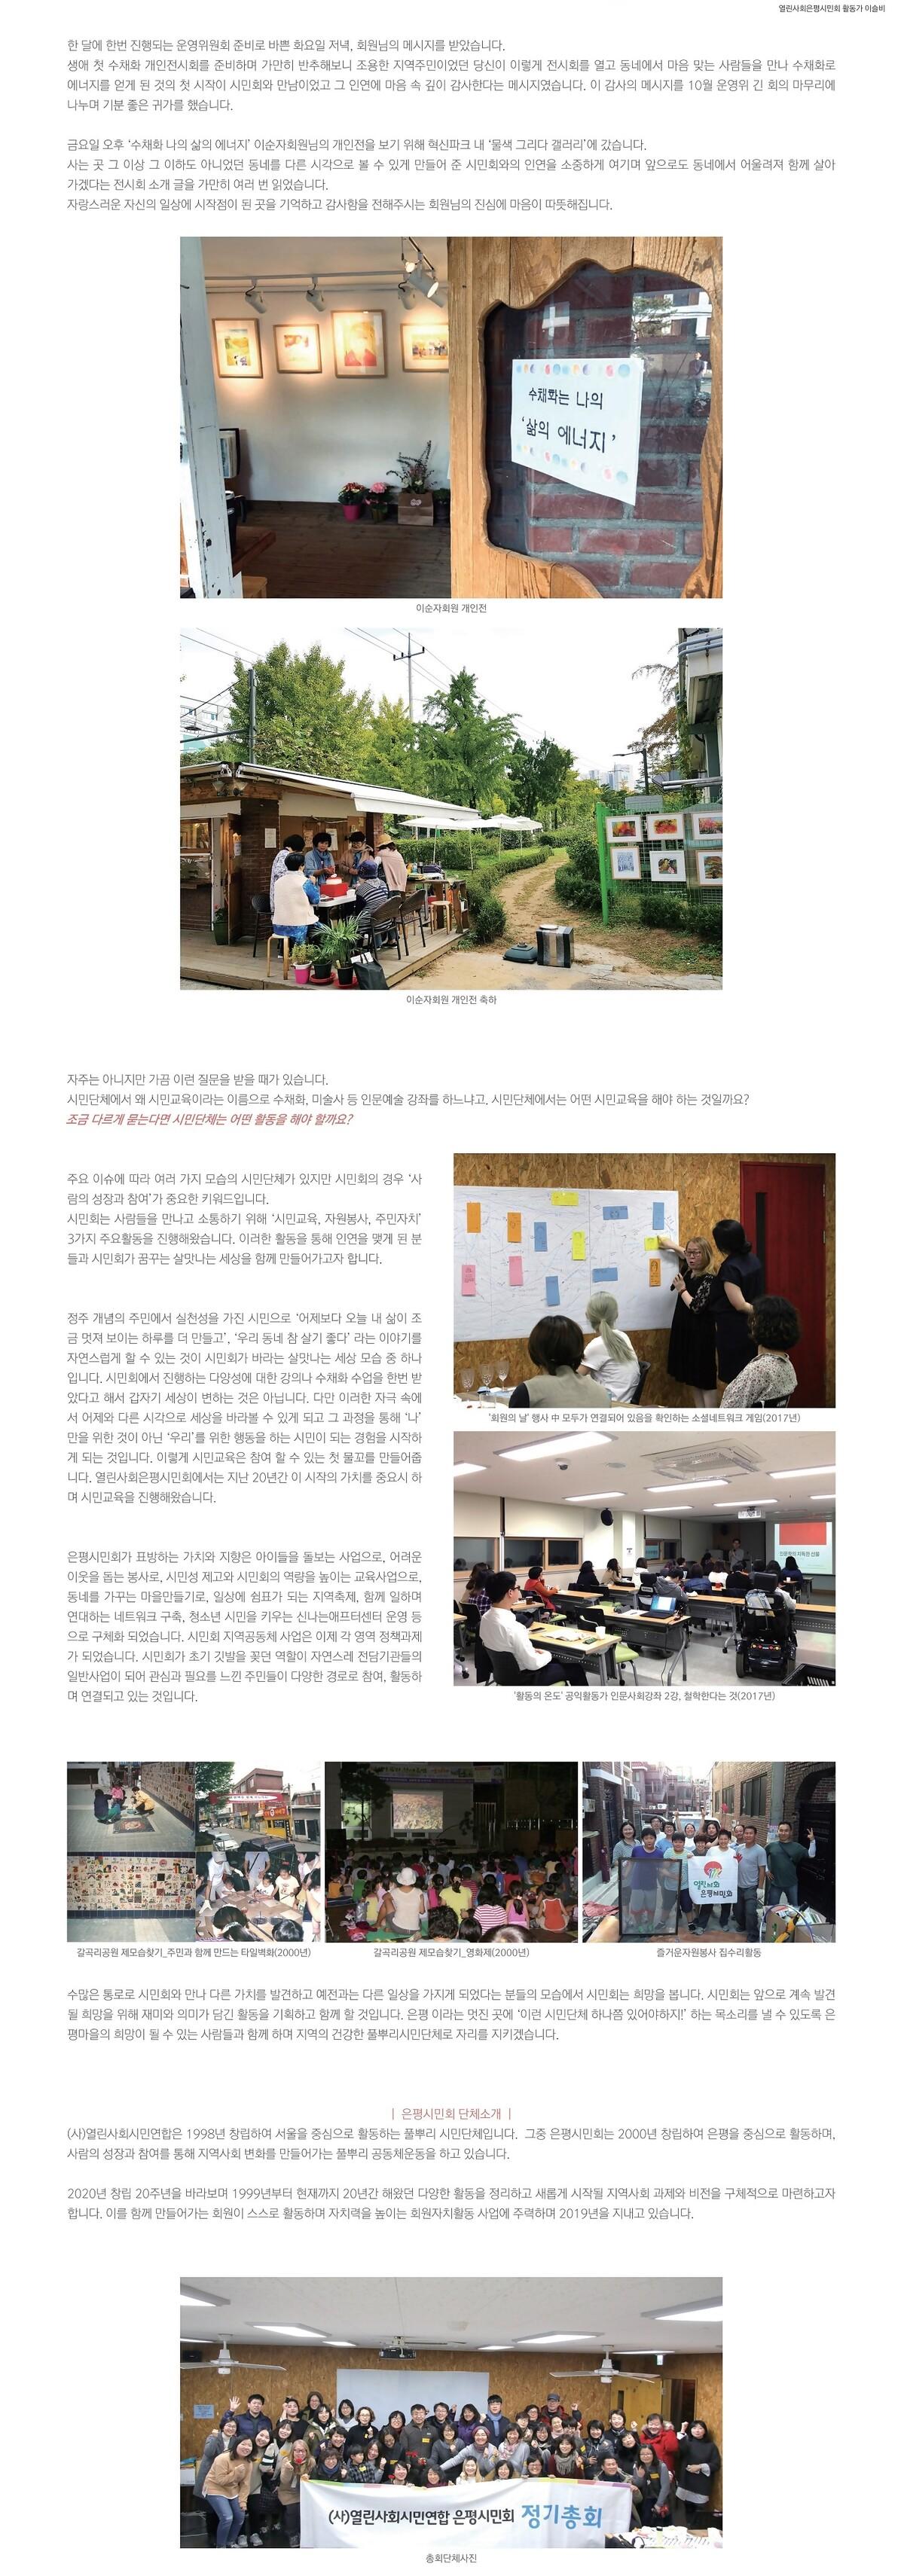 1113 은평구평생학습관 은평배움모아 웹칼럼 11월 2차_01 - 복사본.jpg